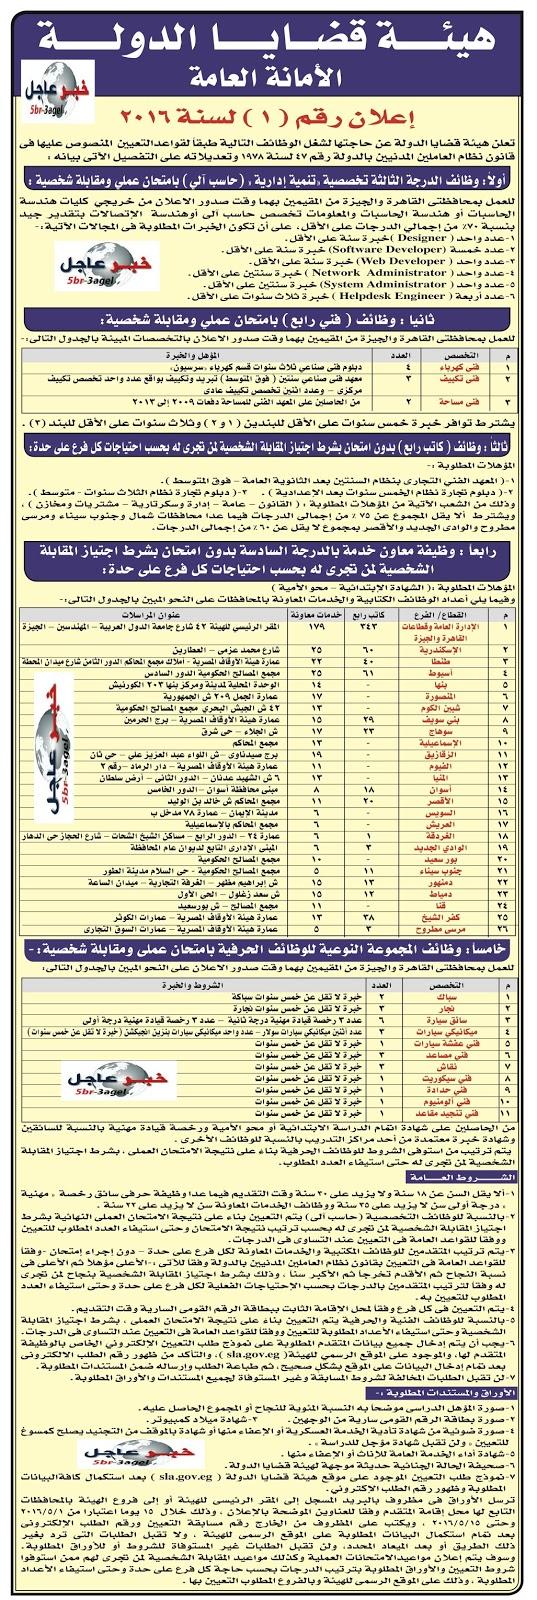 رسمياً - وظائف هيئة قضايا الدولة بجميع المحافظات والاوراق وطريقة التقديم حتى 15 / 5 / 2016